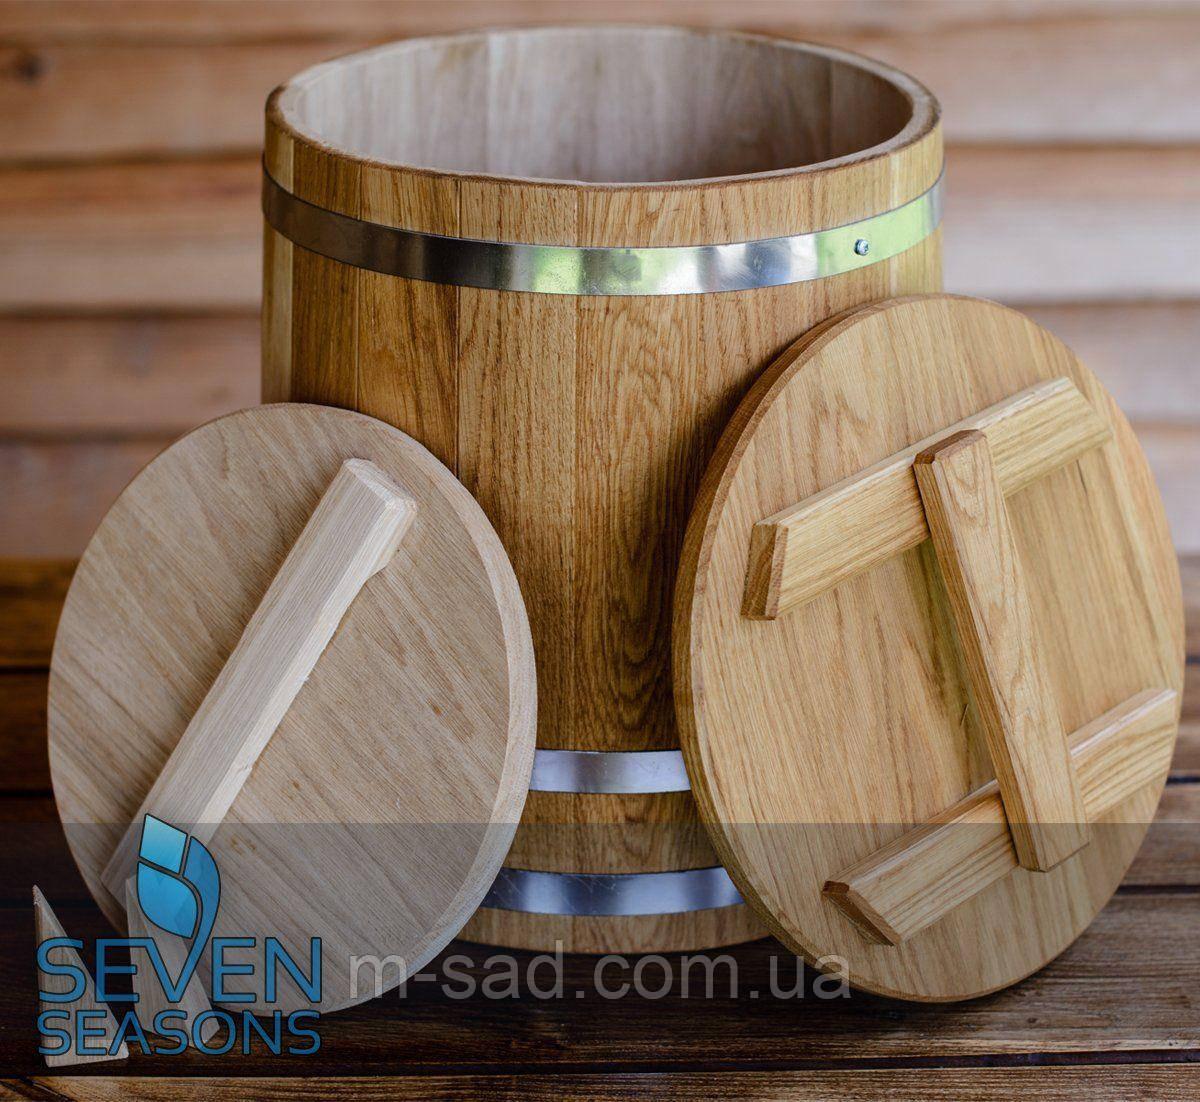 Кадка конусная дубовая для засолки Seven Seasons™, 120 литров